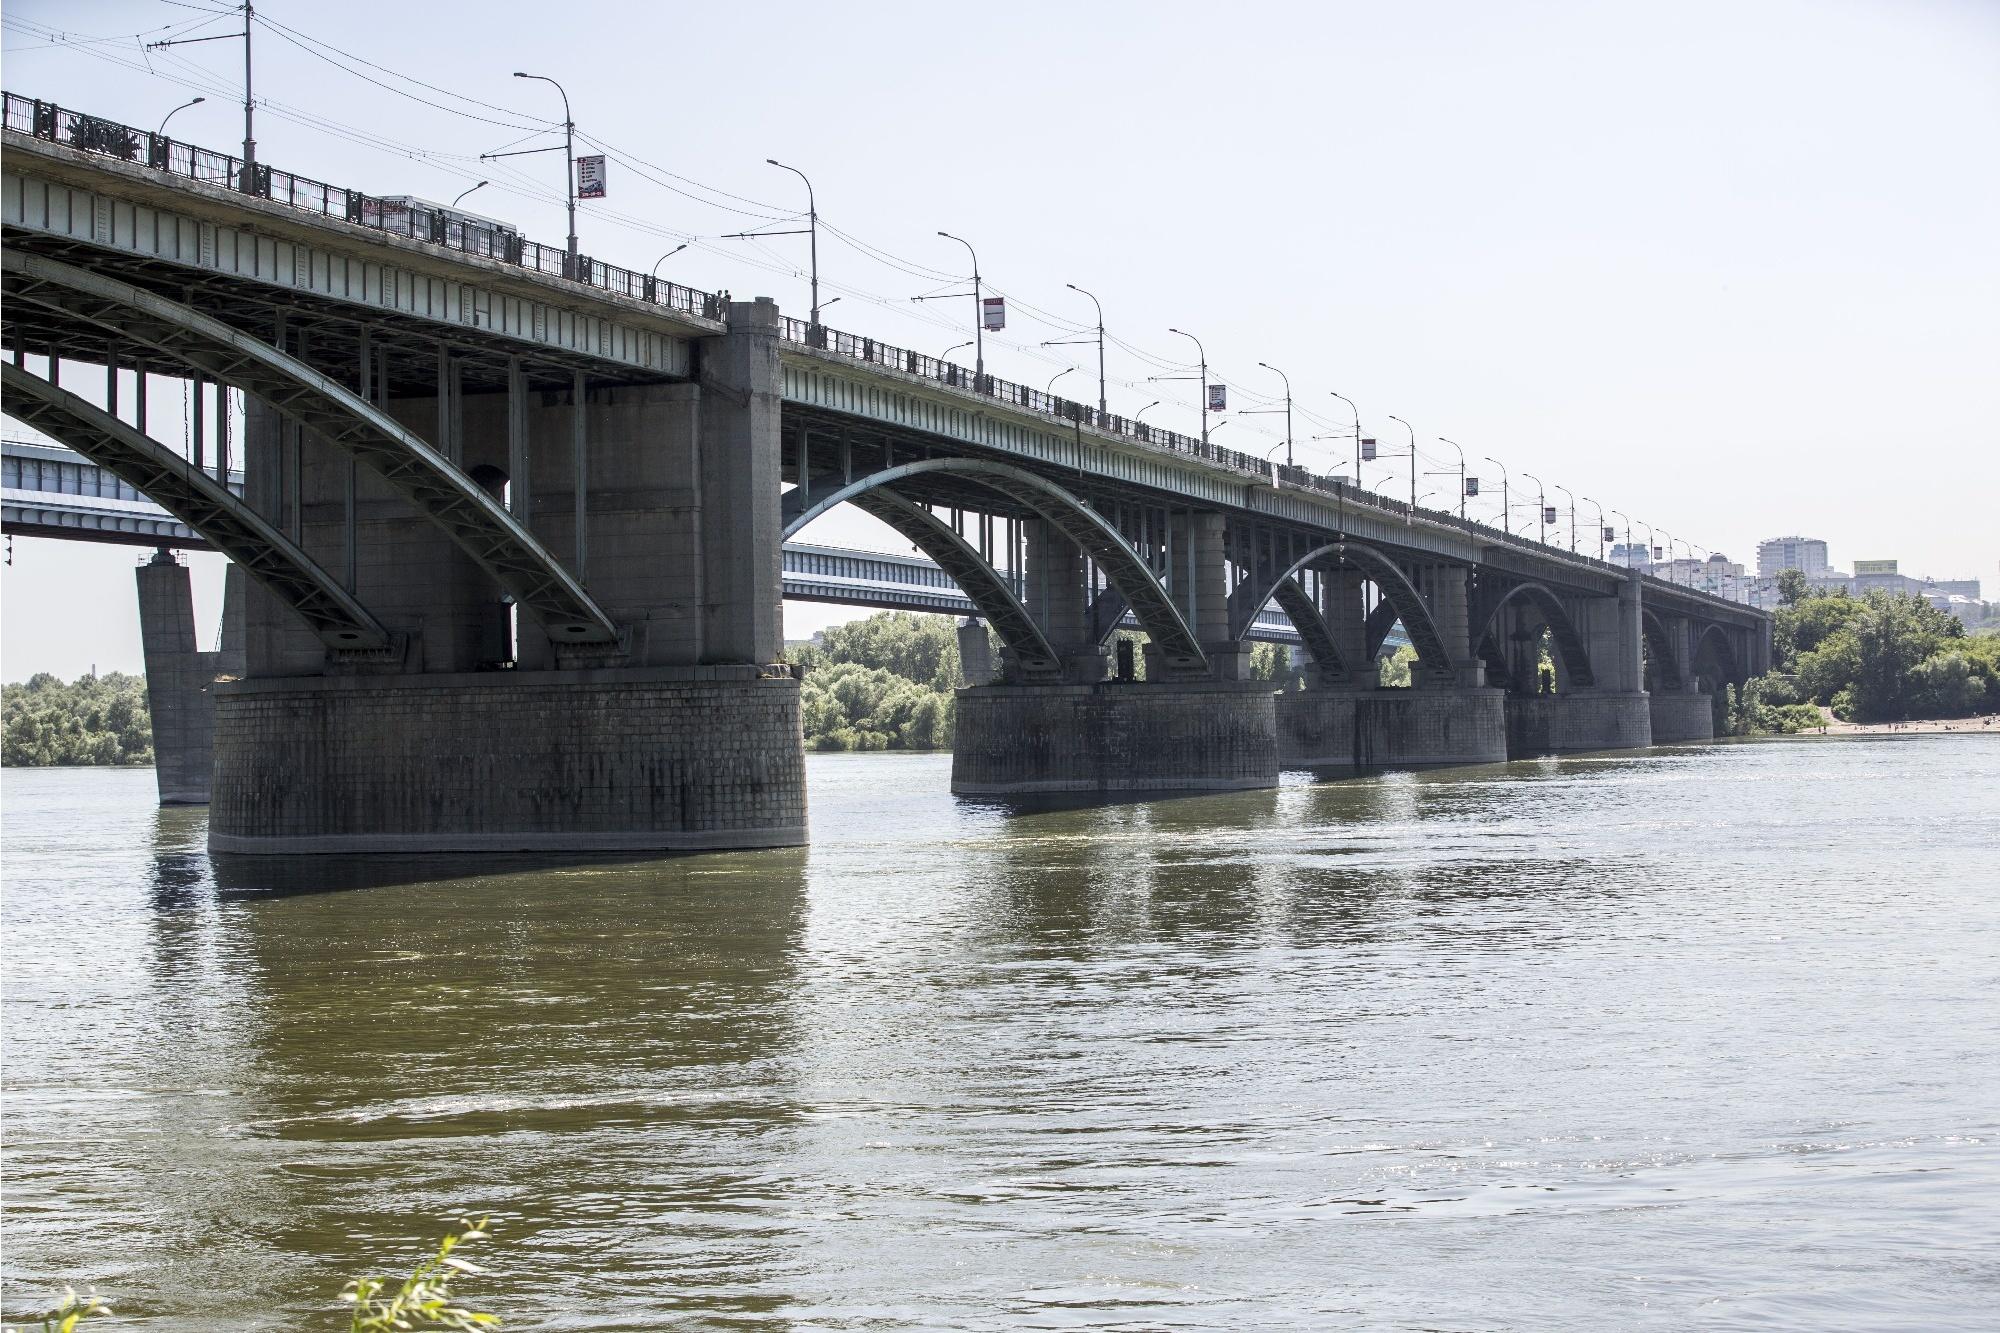 Горожане предложили раскрасить арки Коммунального моста во все цвета радуги